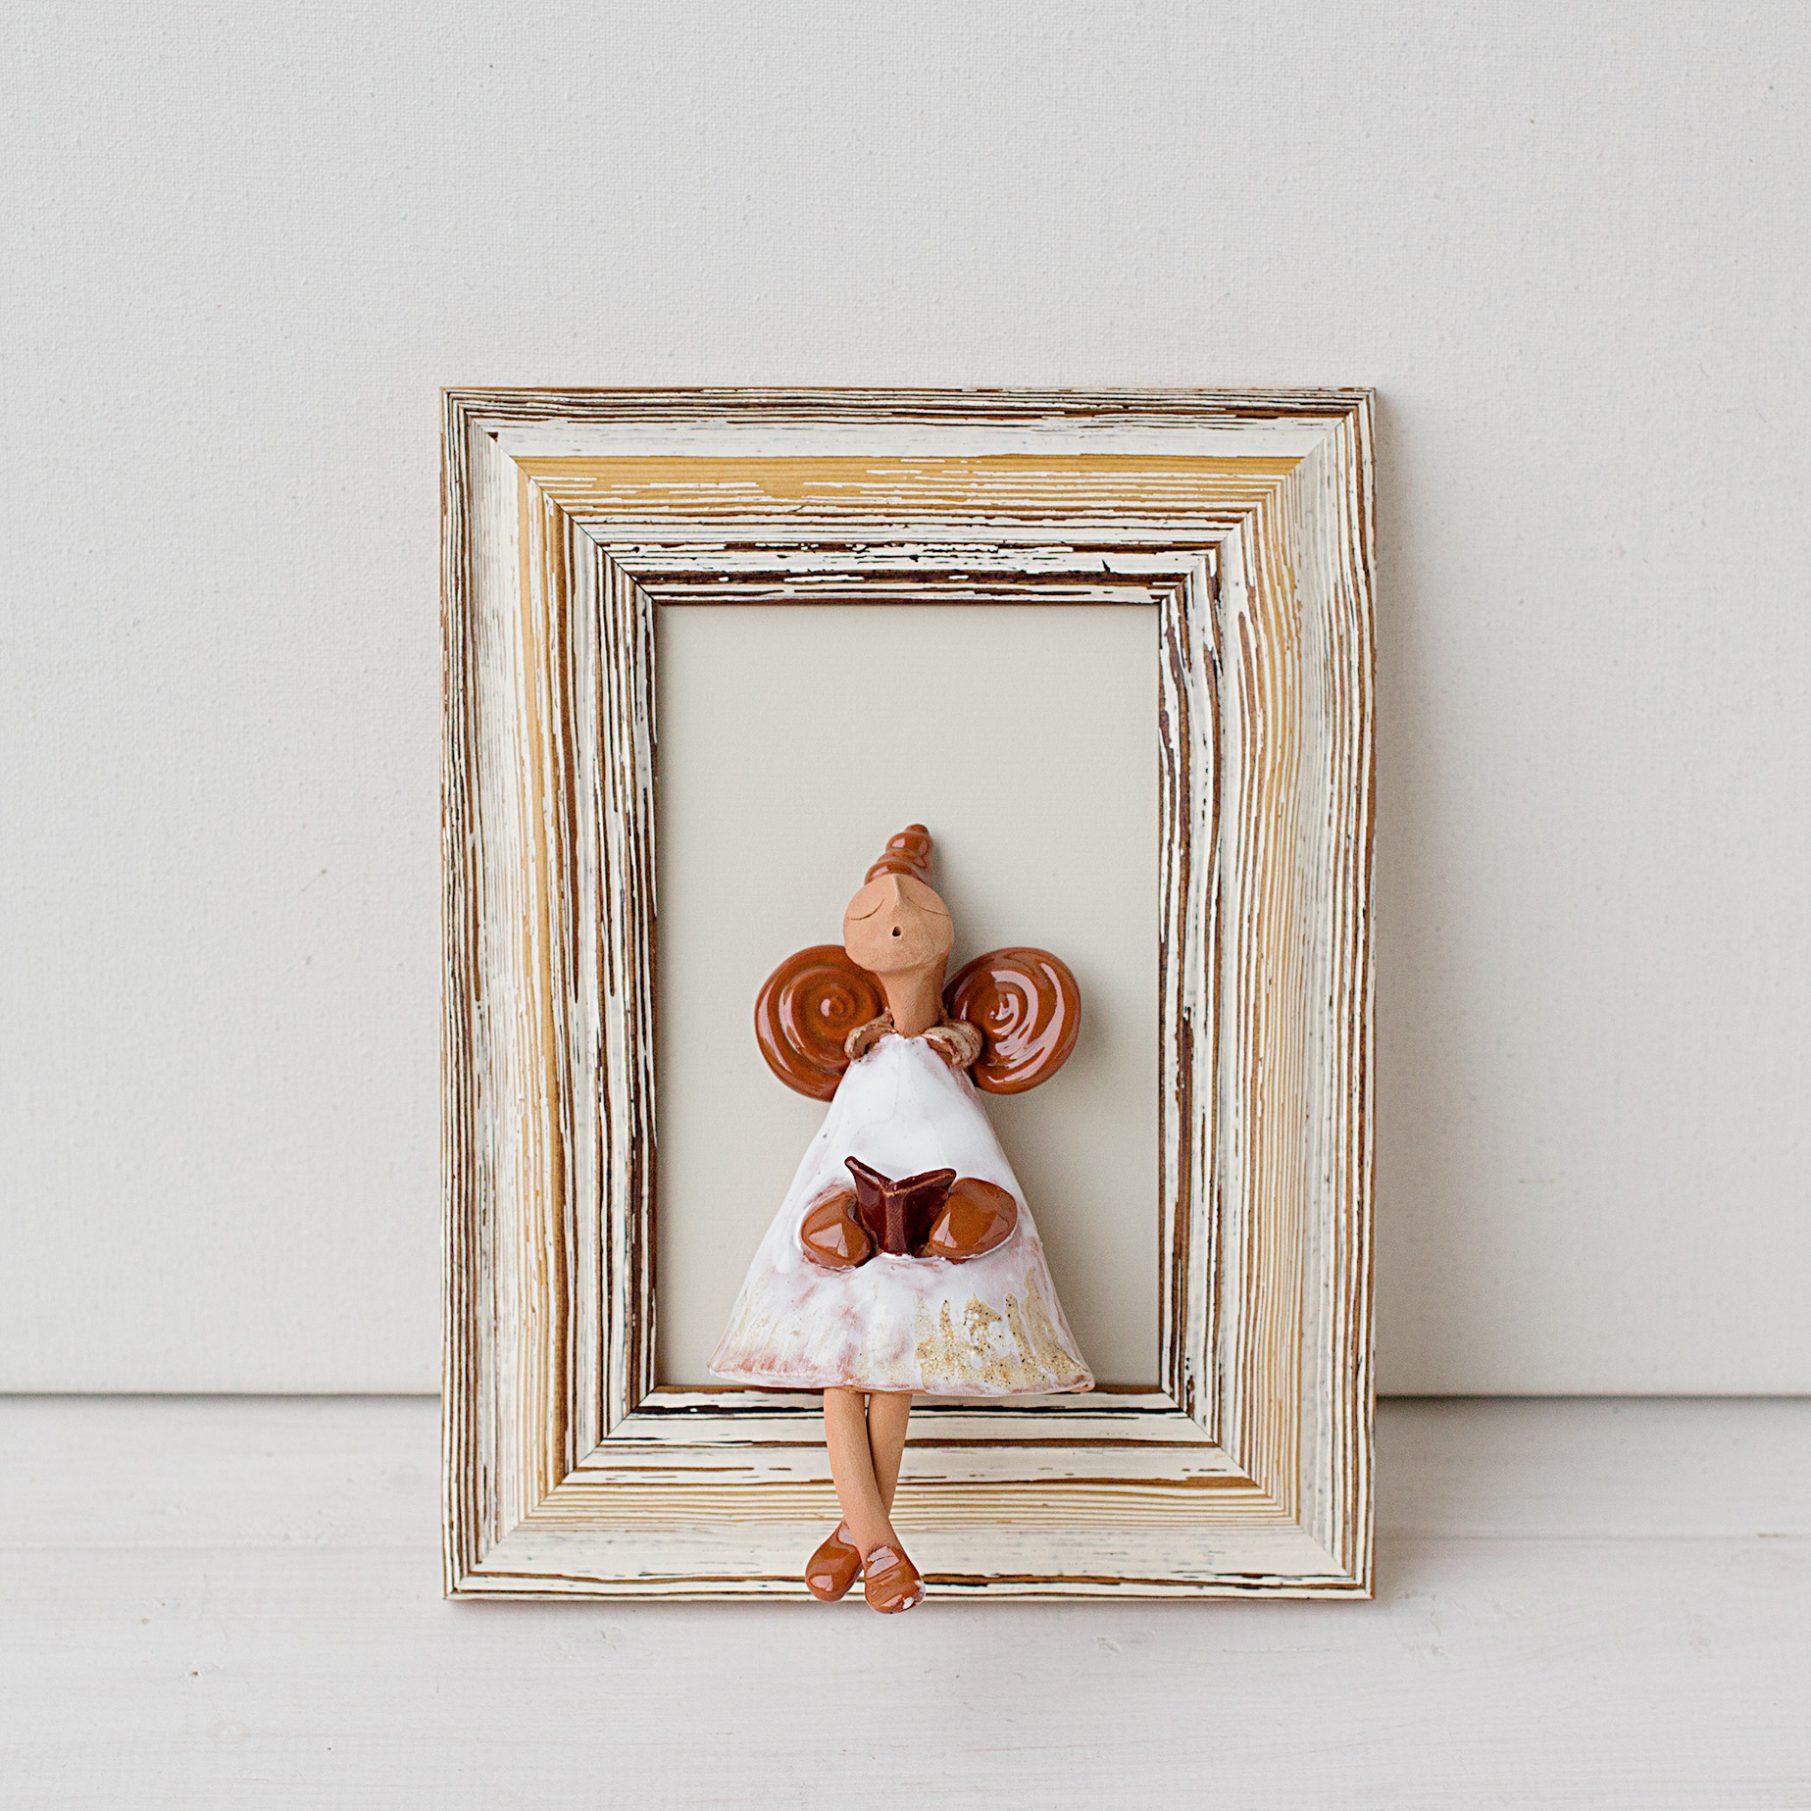 Keramikinis paveikslas su angeliu, keramikinis angelas